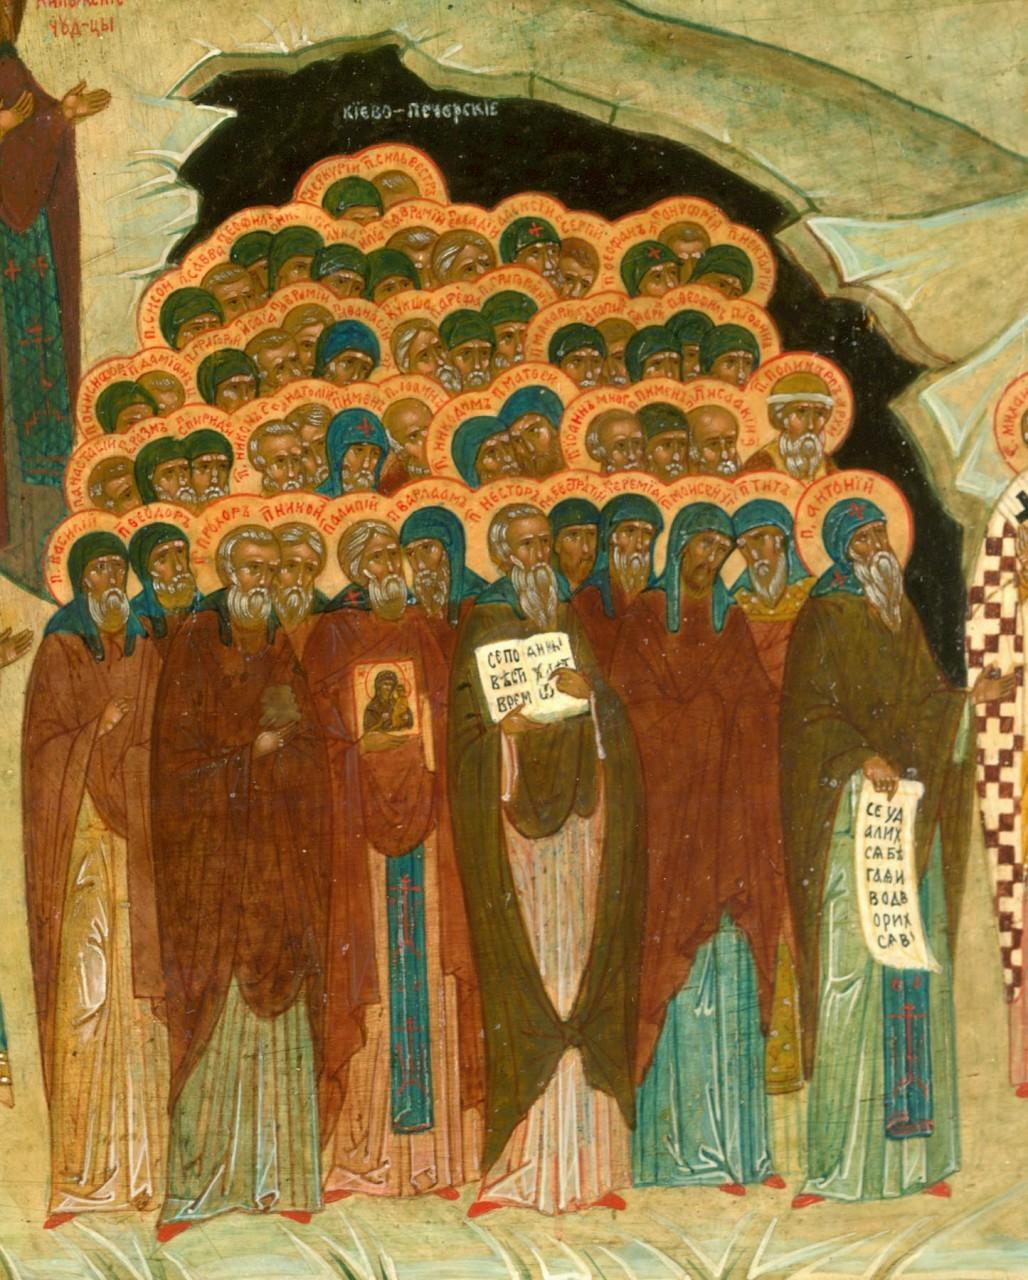 Памяти Собора всех преподобных Киево-Печерских